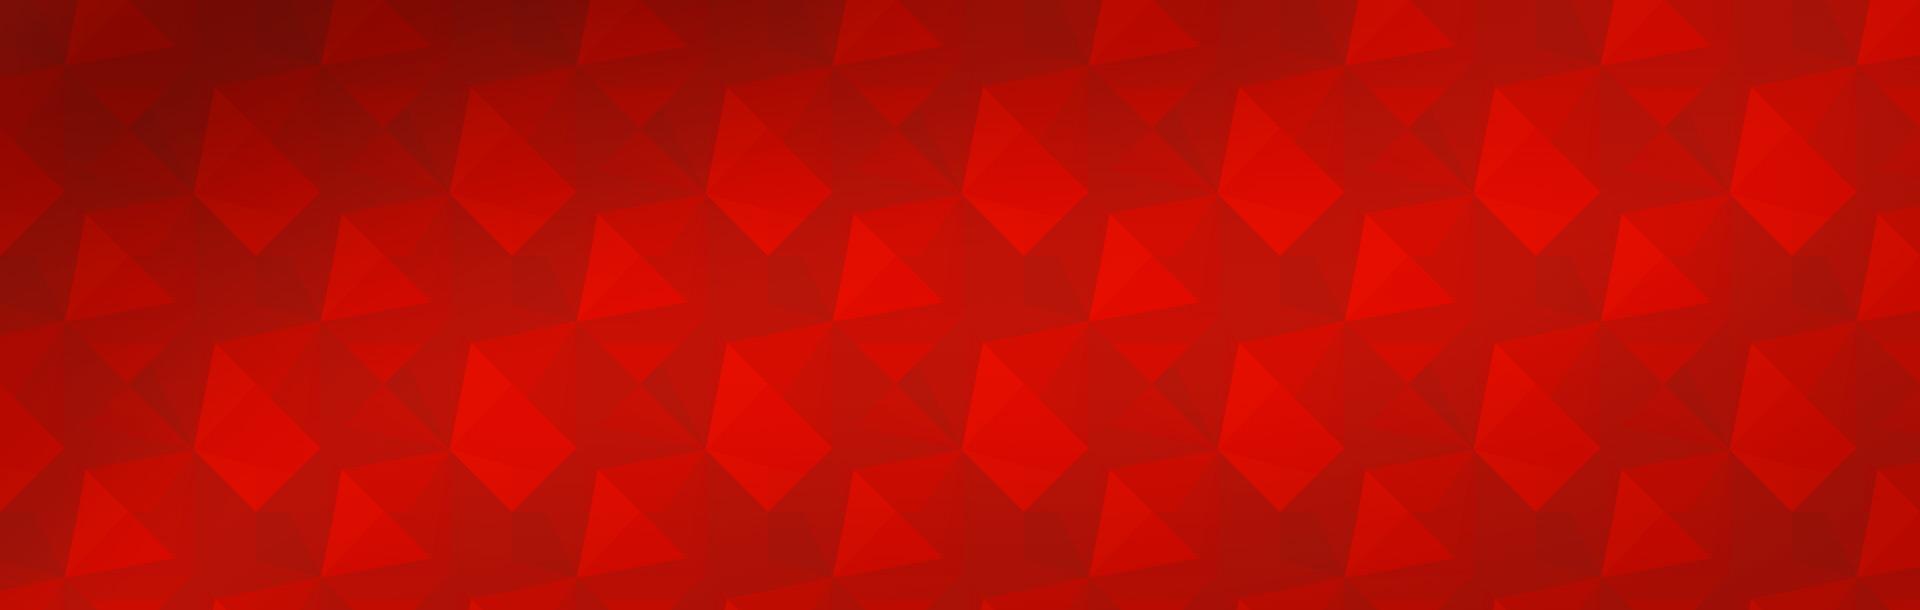 Slider-Backgrounds-Red